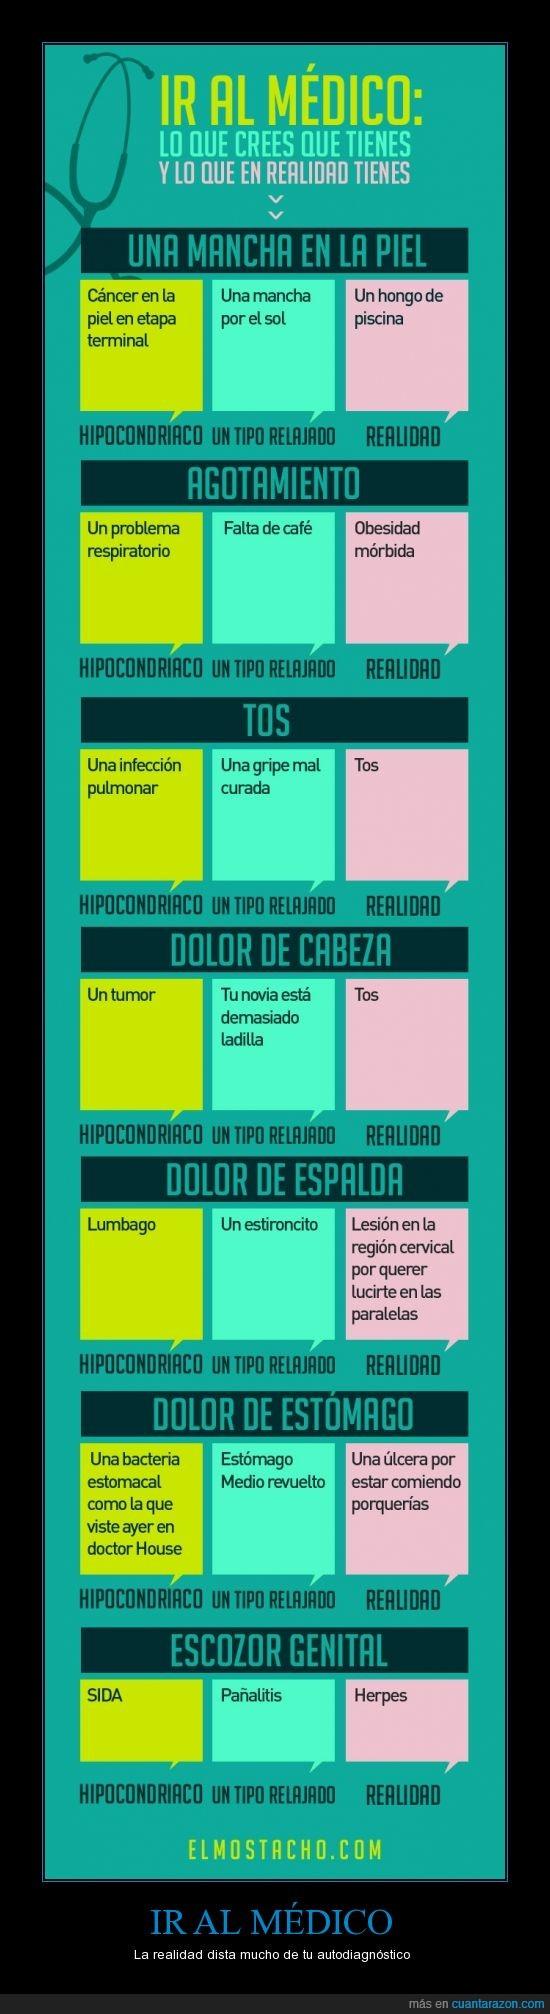 Doctor,ElMostacho,Enfermedades,Imagen,Laboratorio,Medico,Realidad,Verdadera